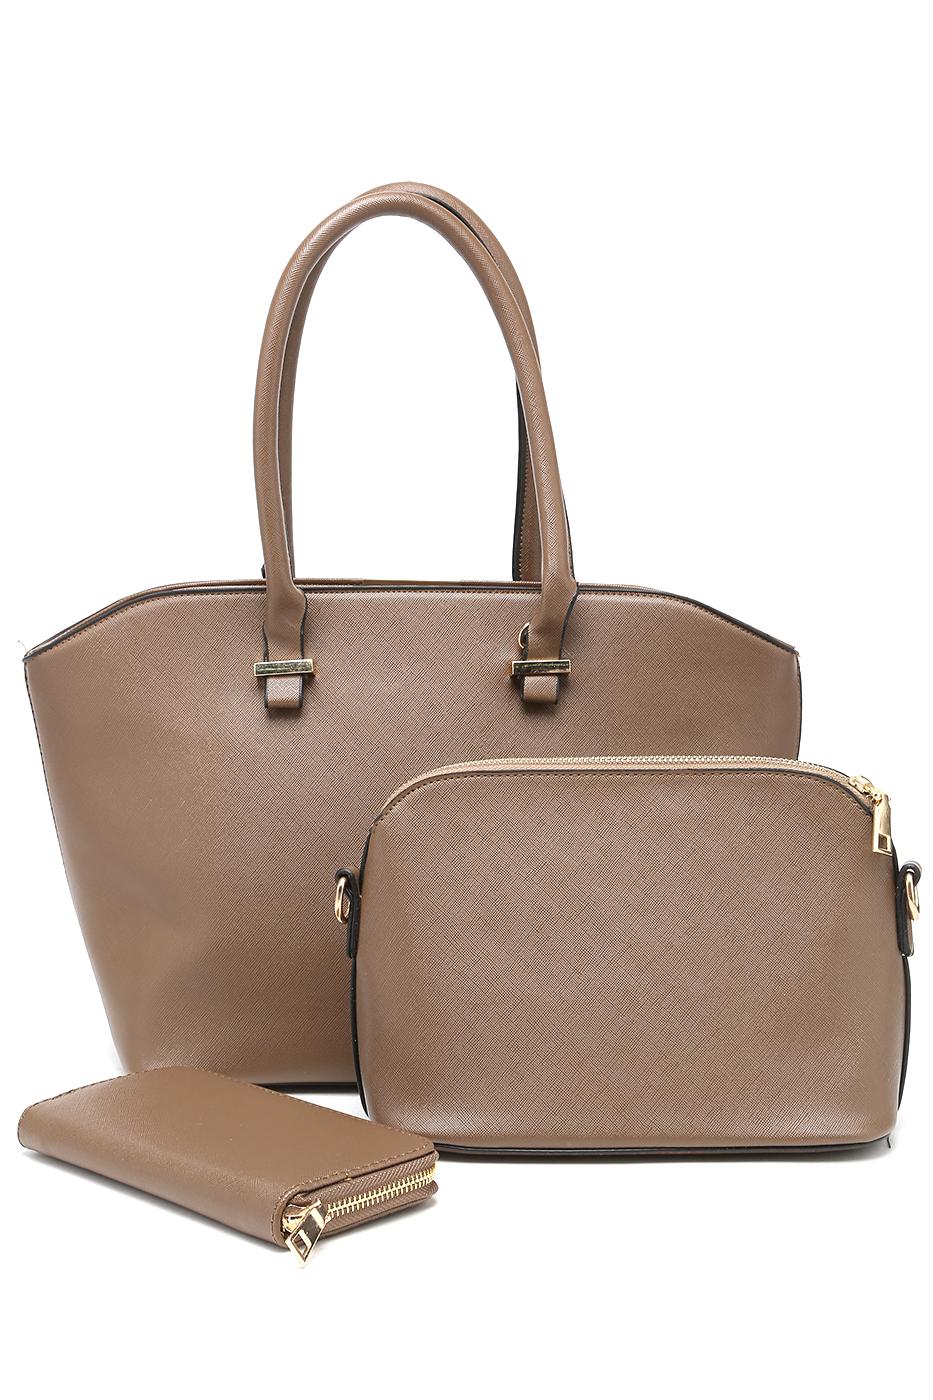 Комплект женский DDA: сумка, клатч, кошелек, цвет: коричневый. WB-1014BG967-637T-17s-01-42Комплект женский DDA выполнен из экокожи. В комплект к сумке идет сумка-клатч и кошелек.Сумка с одним отделением, застегивается на молнию, задняя стенка оформлена прорезным карманом на молнии. Внутри прорезной карман на молнии и два накладных кармана. Модель дополнена регулируемым по длине наплечным ремнем на карабинах.Клатч с одним отделением, застегивается на молнию, внутри у модели прорезной карман на молнии и два накладных кармана, дополнен наплечным ремнем на карабинах.Кошелек с двумя отделениями, карман-средник для мелочи на молнии, имеется 8 отделений для карточек.